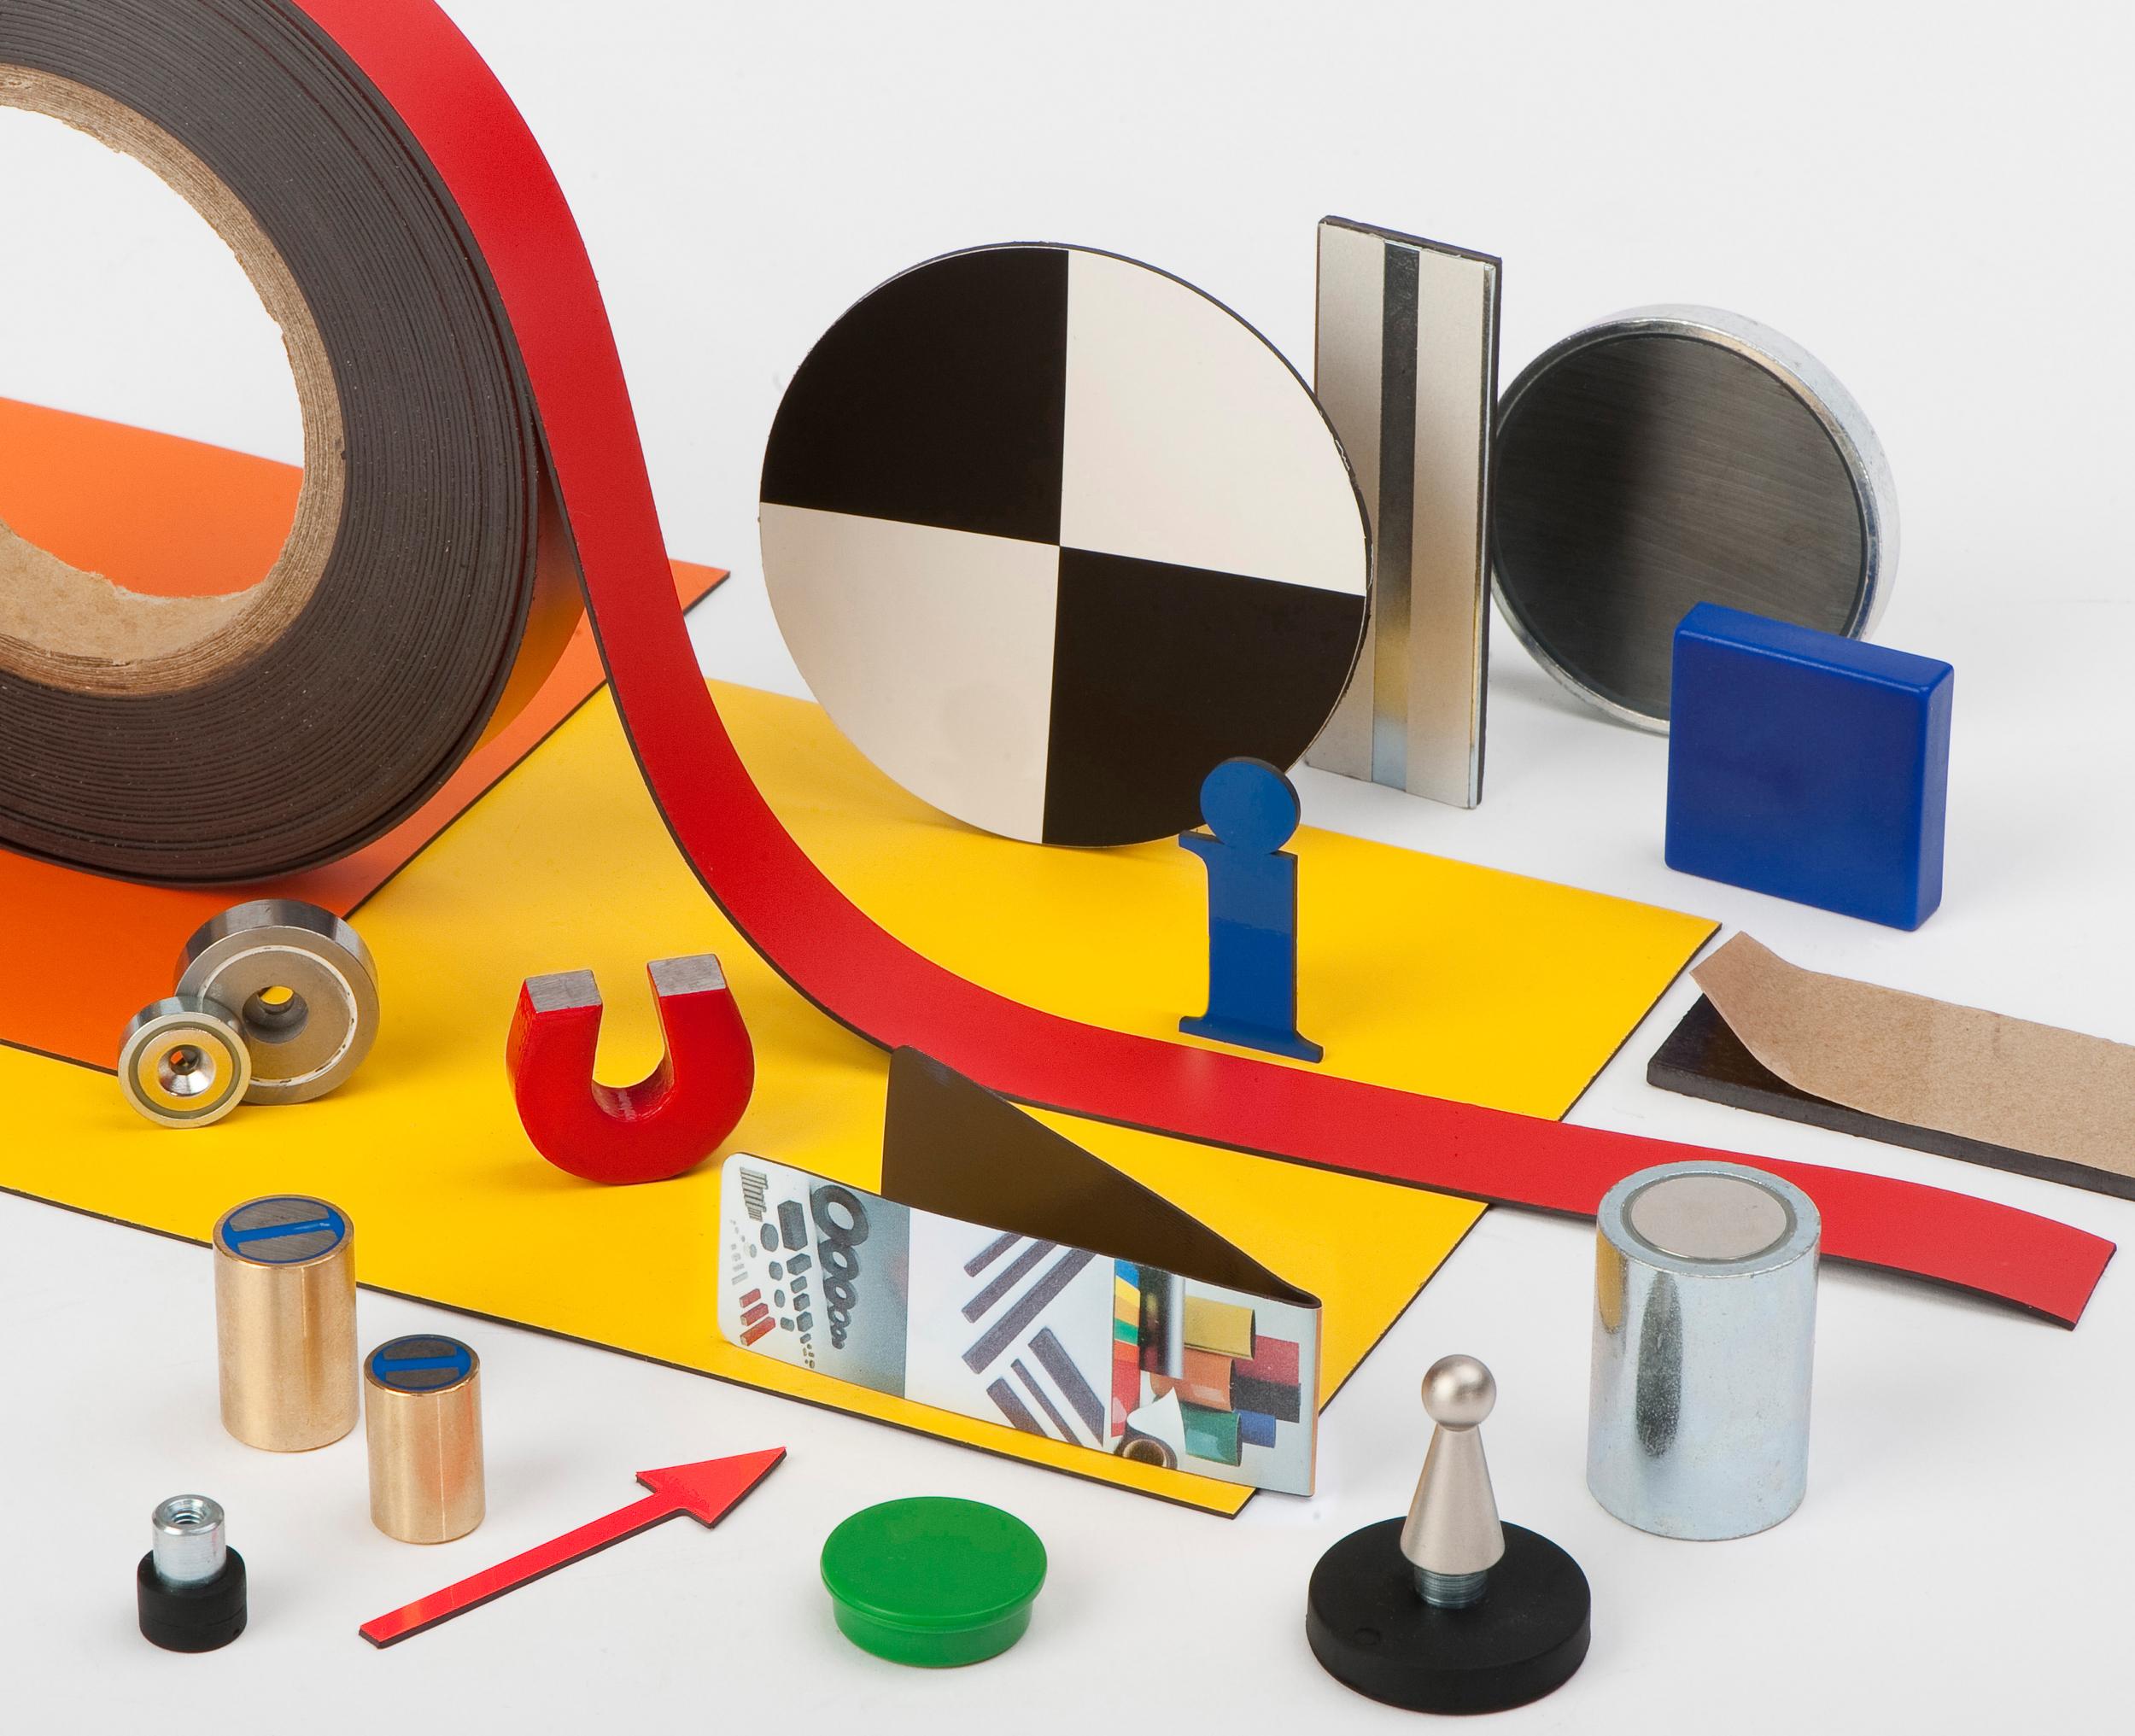 Bild1 - Schallenkammer - Ideen-die-sich-loesen-lassen.jpg